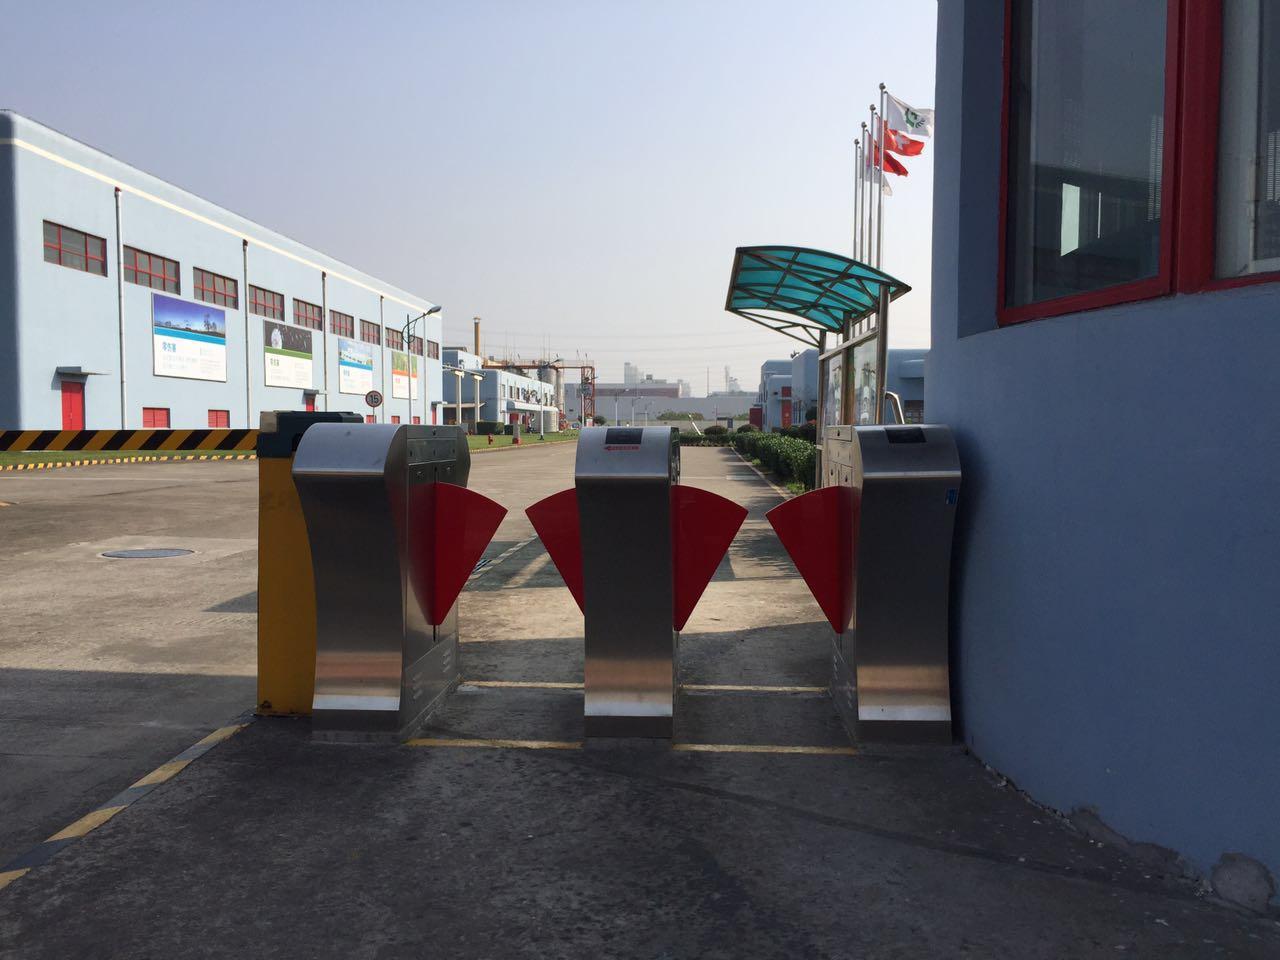 先正达(苏州)作物保护有限公司翼闸人行通道管理系统